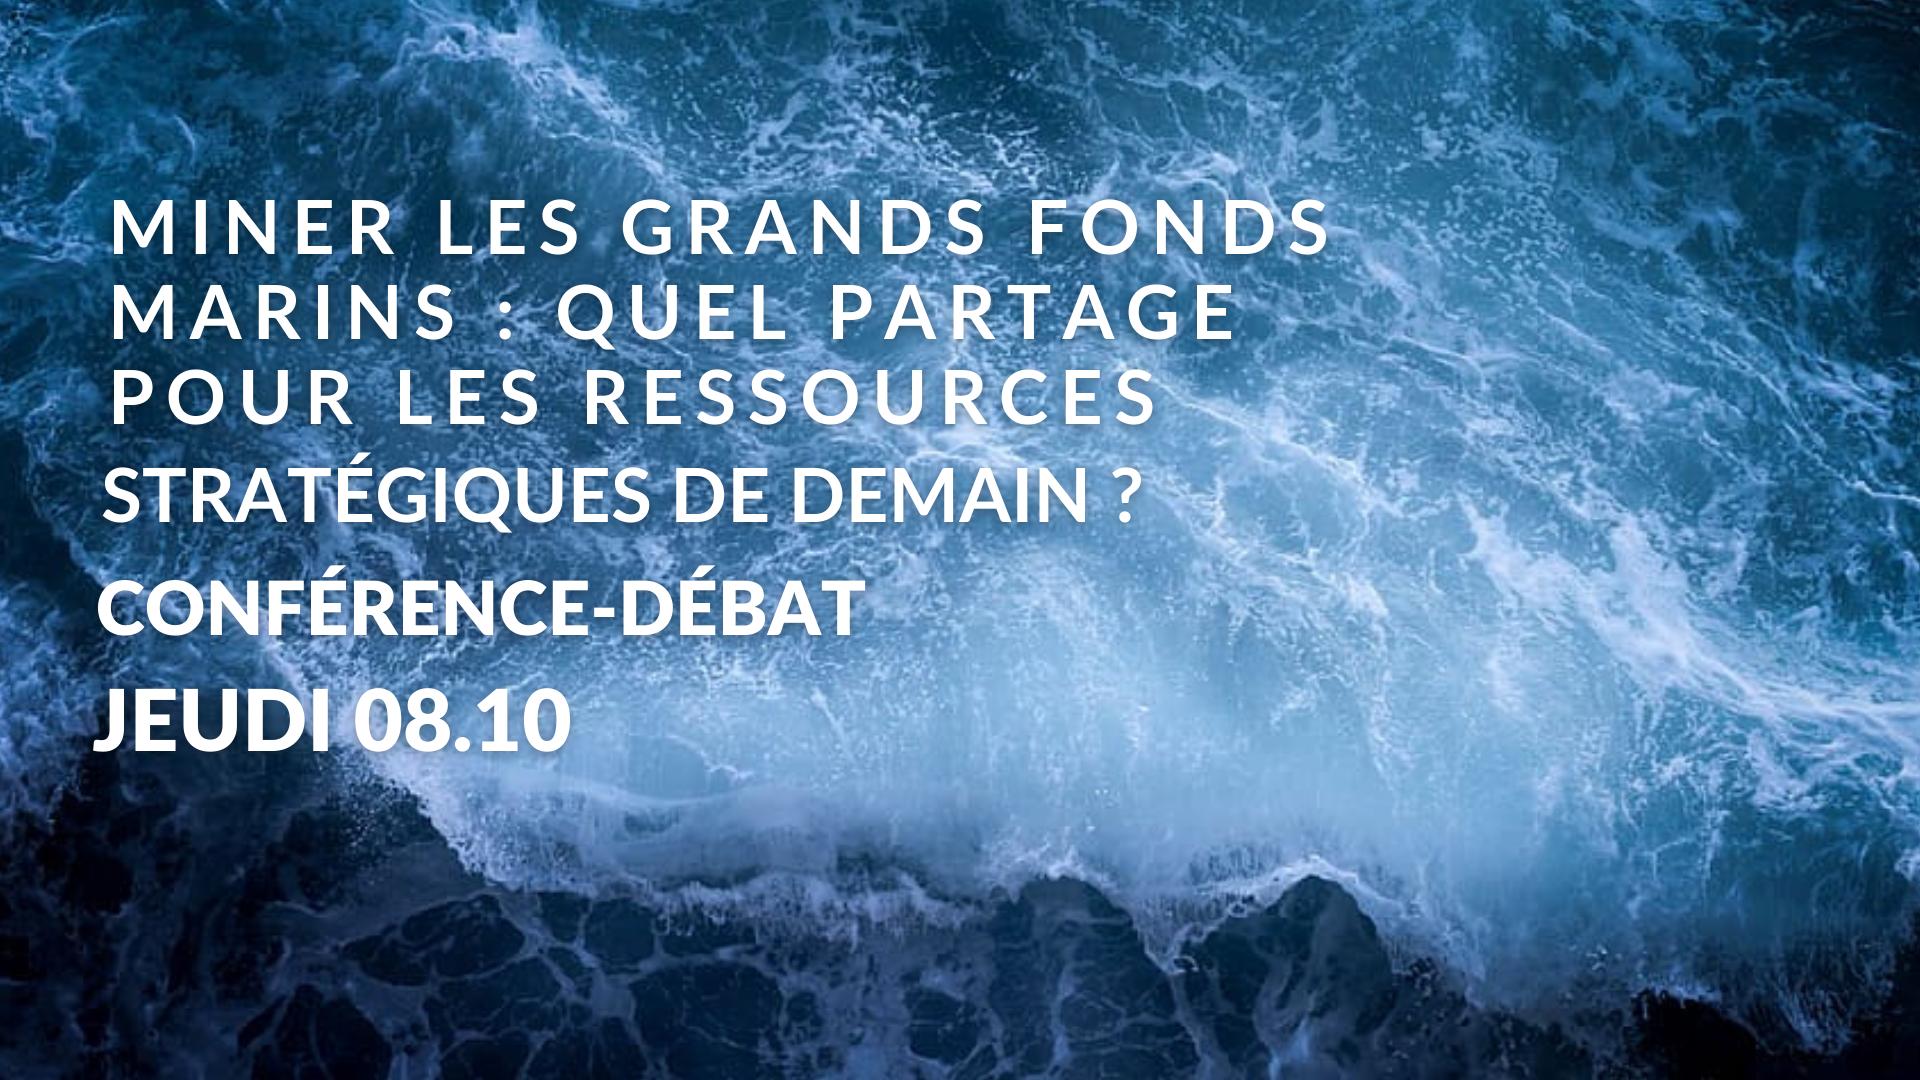 miner_les_grands_fonds_marins___quel_partage_pour_les_ressources_1_.png